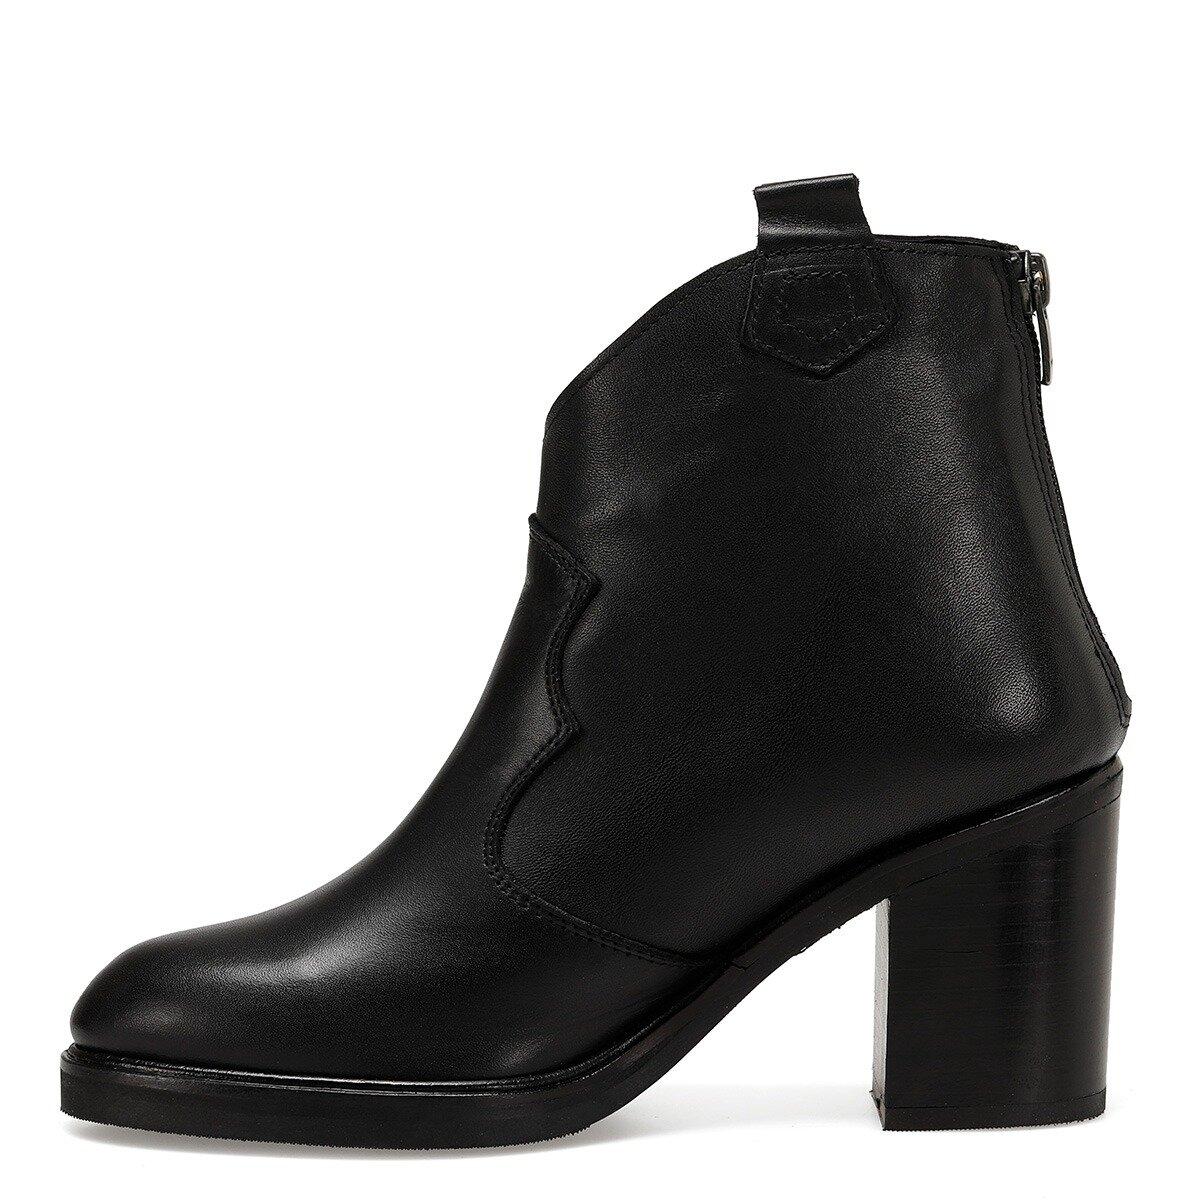 NADA Siyah Kadın Topuklu Bot